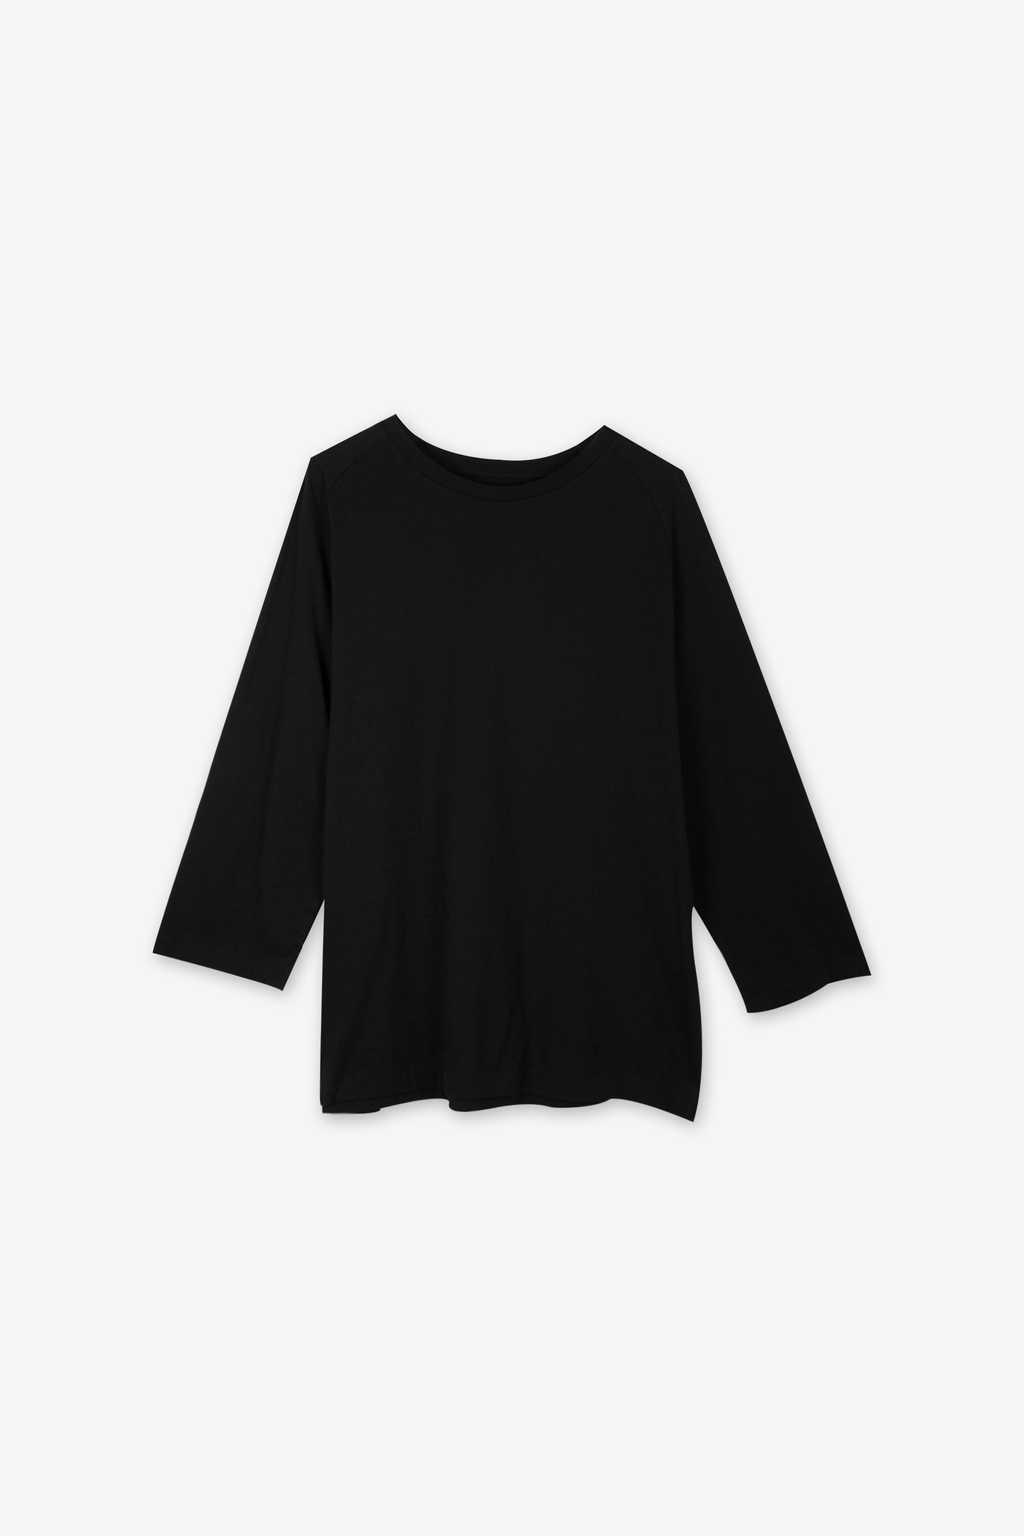 T Shirt 1232 Black 5